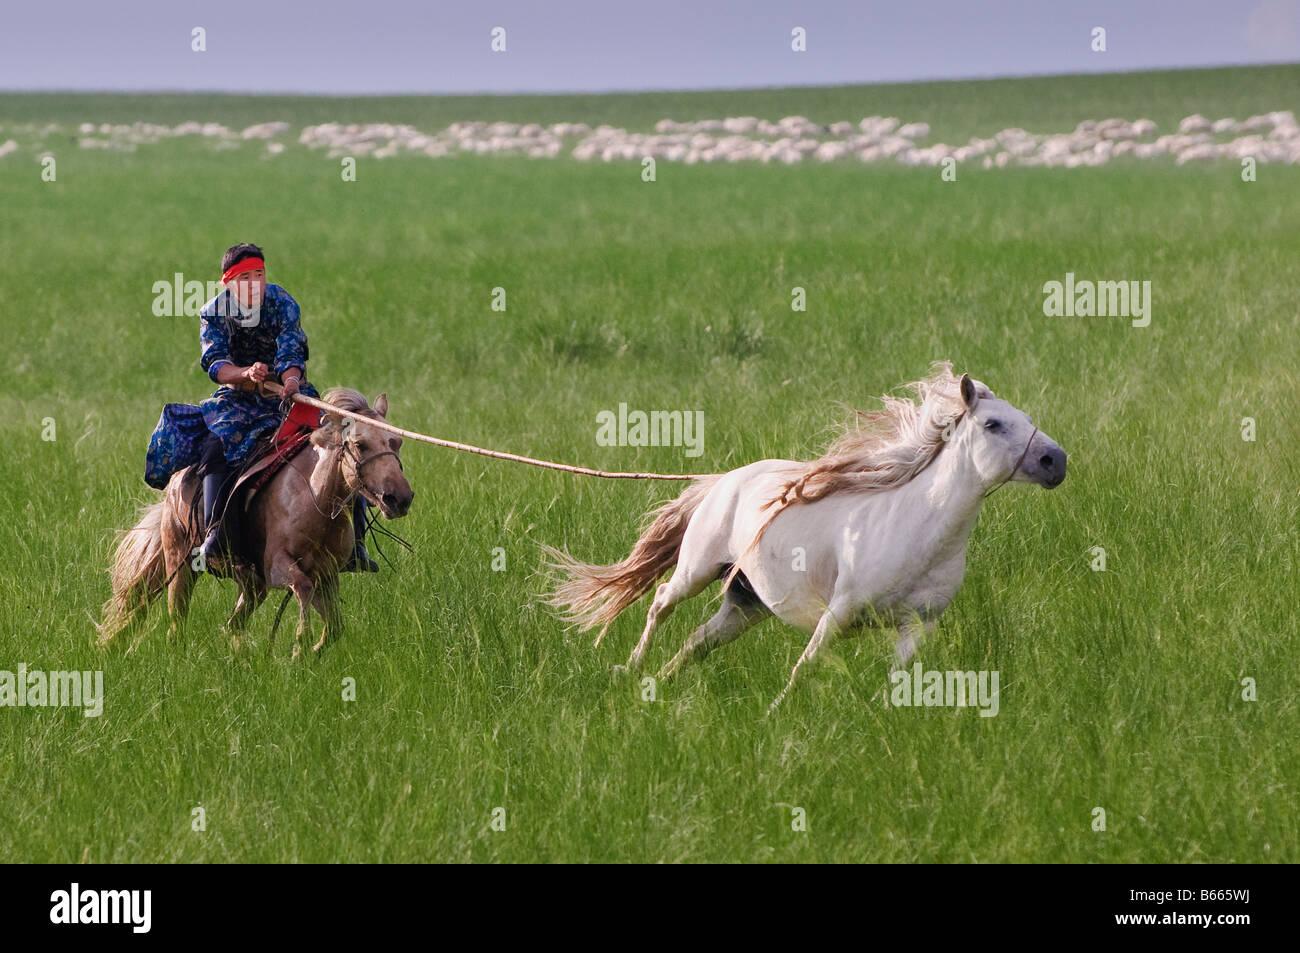 Los pastizales resero a caballo caballo capturas con cuerdas y polo de urga Xilinhot china de Mongolia Interior. Imagen De Stock